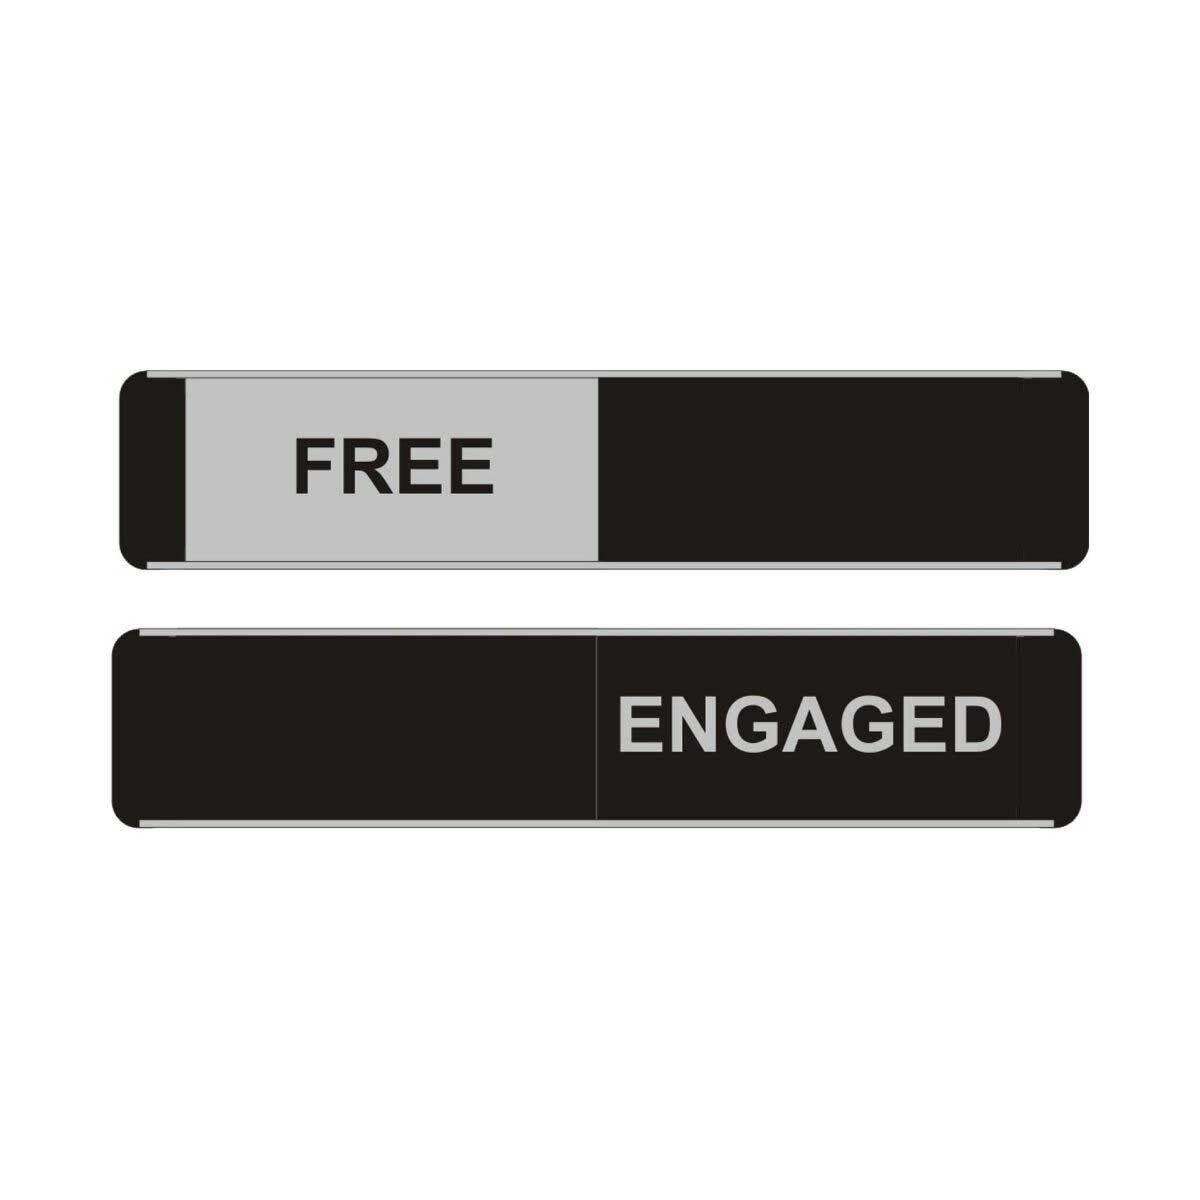 Free/Engaged Sliding Sign